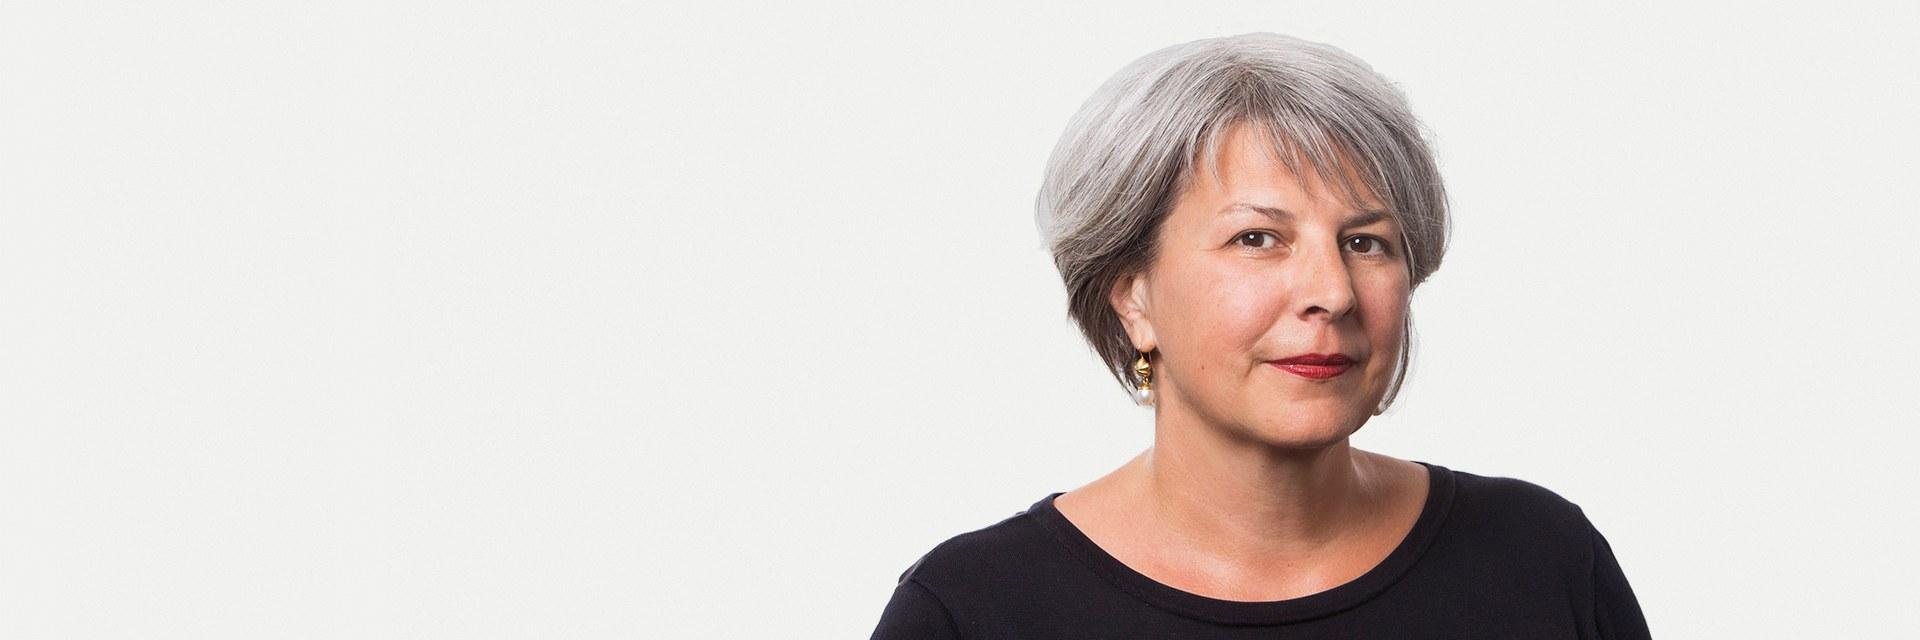 Sybil Weishaupt Tschirren